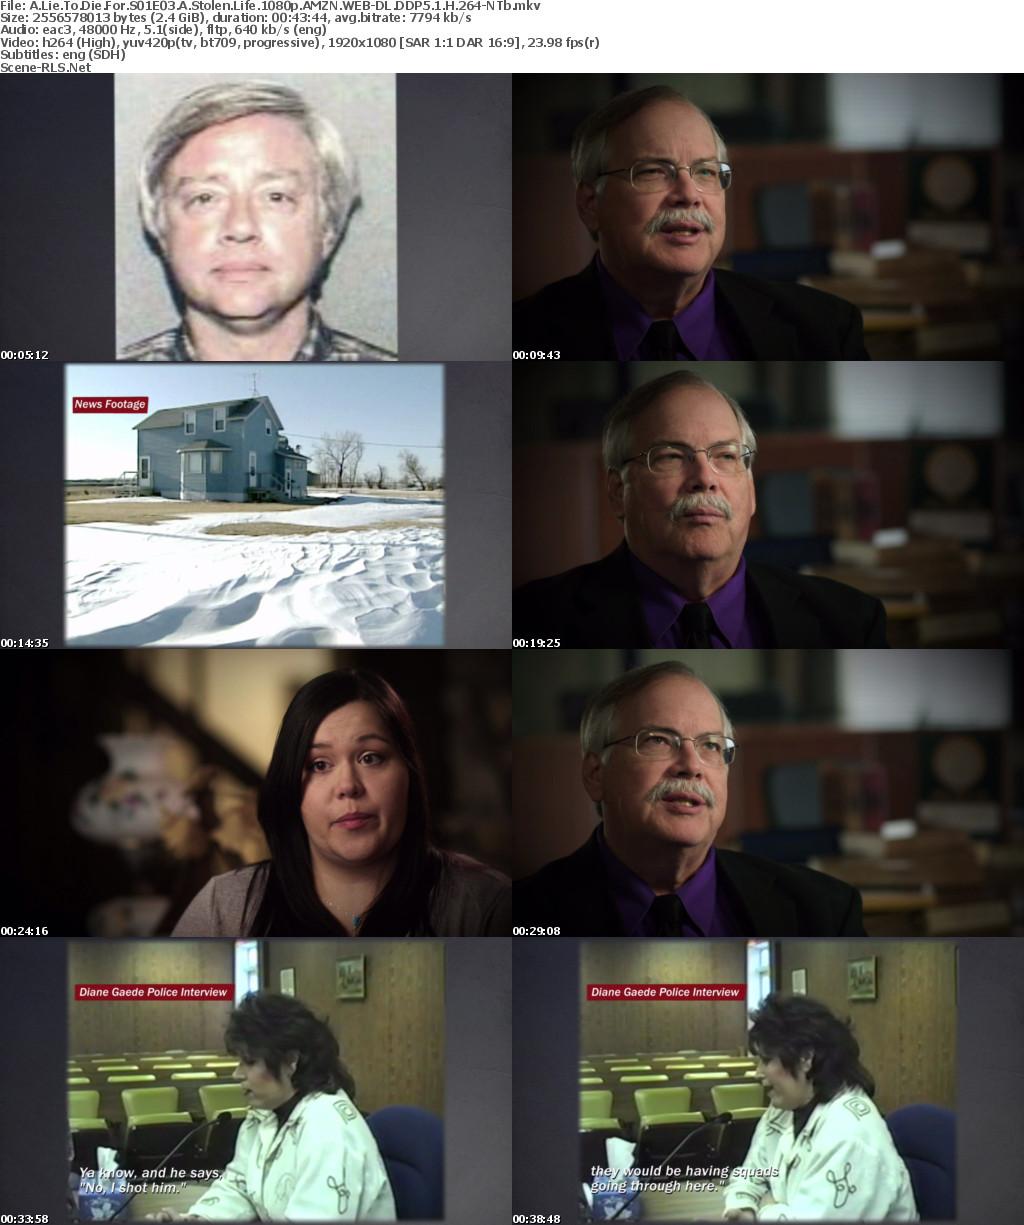 A Lie To Die For S01E03 A Stolen Life 1080p AMZN WEB-DL DD5 1 H264